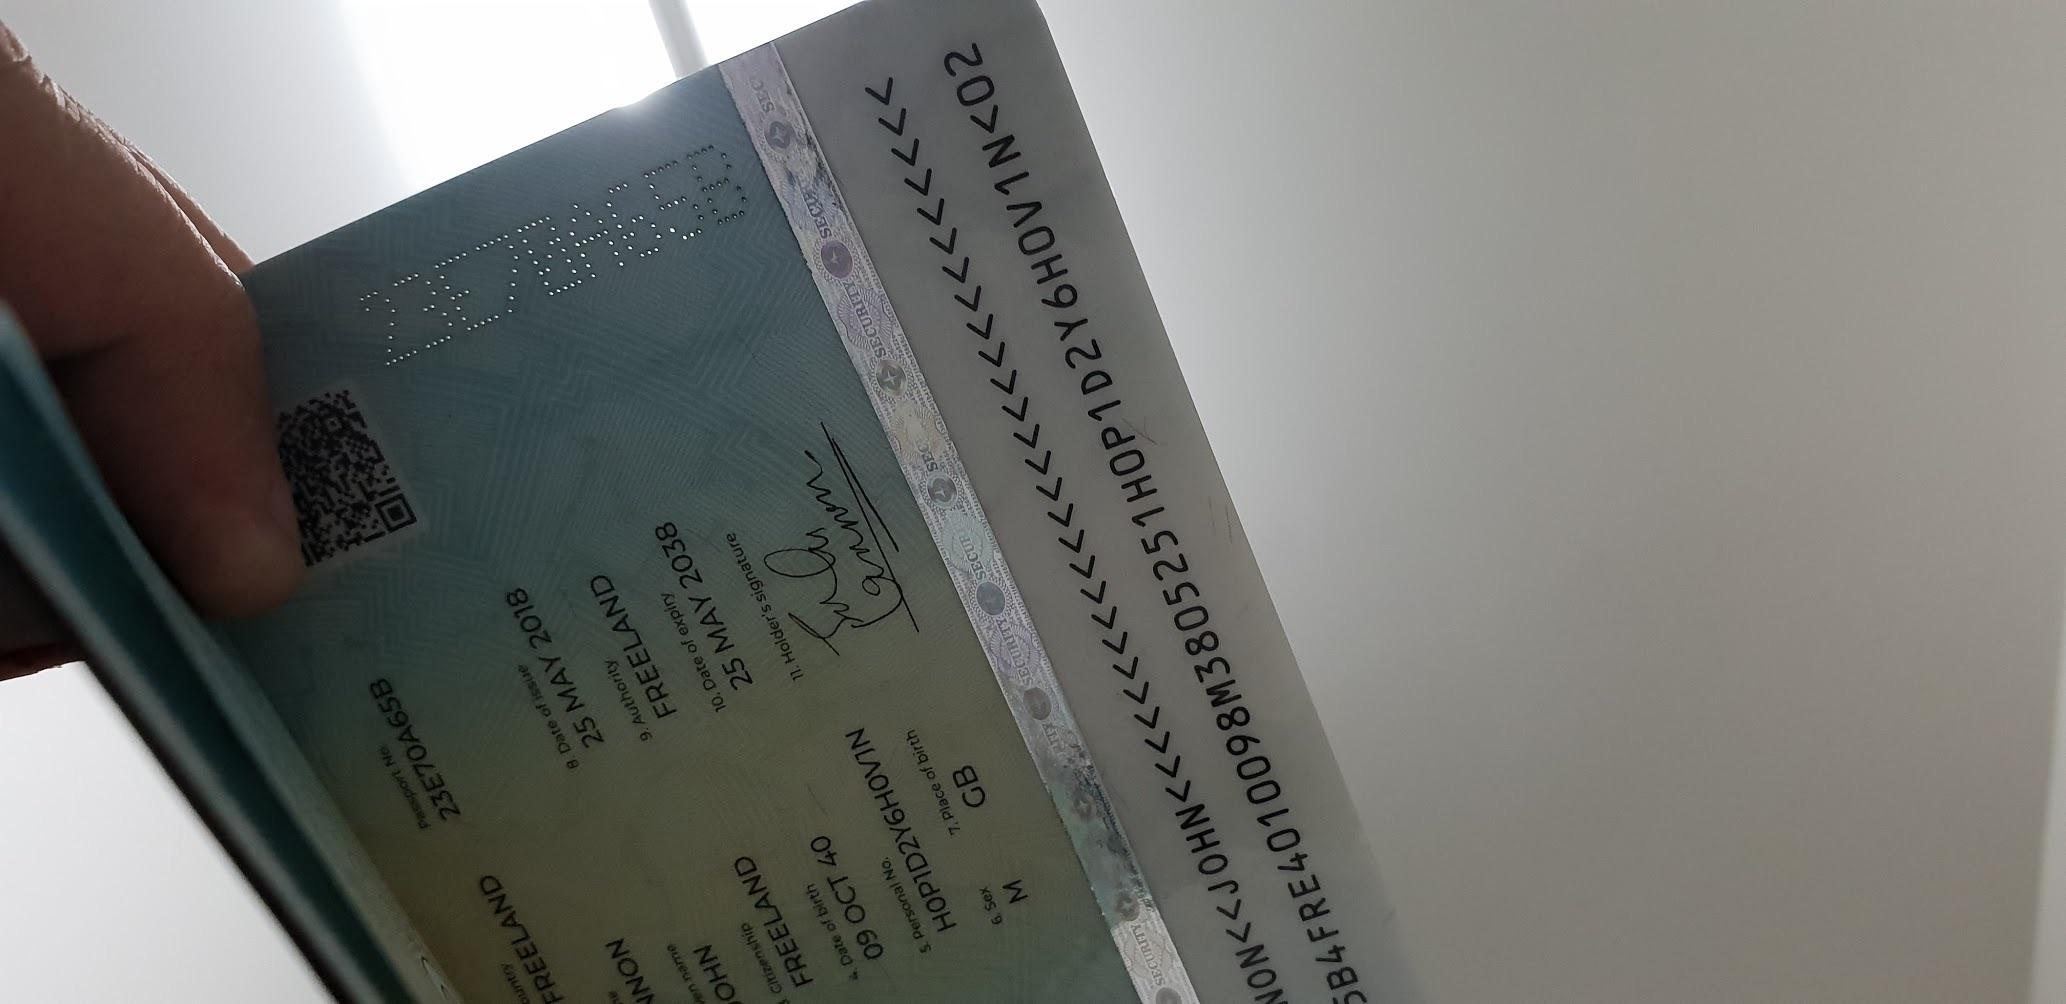 Прожигание номера паспорта сквозь все страницы, включая индивидуальную